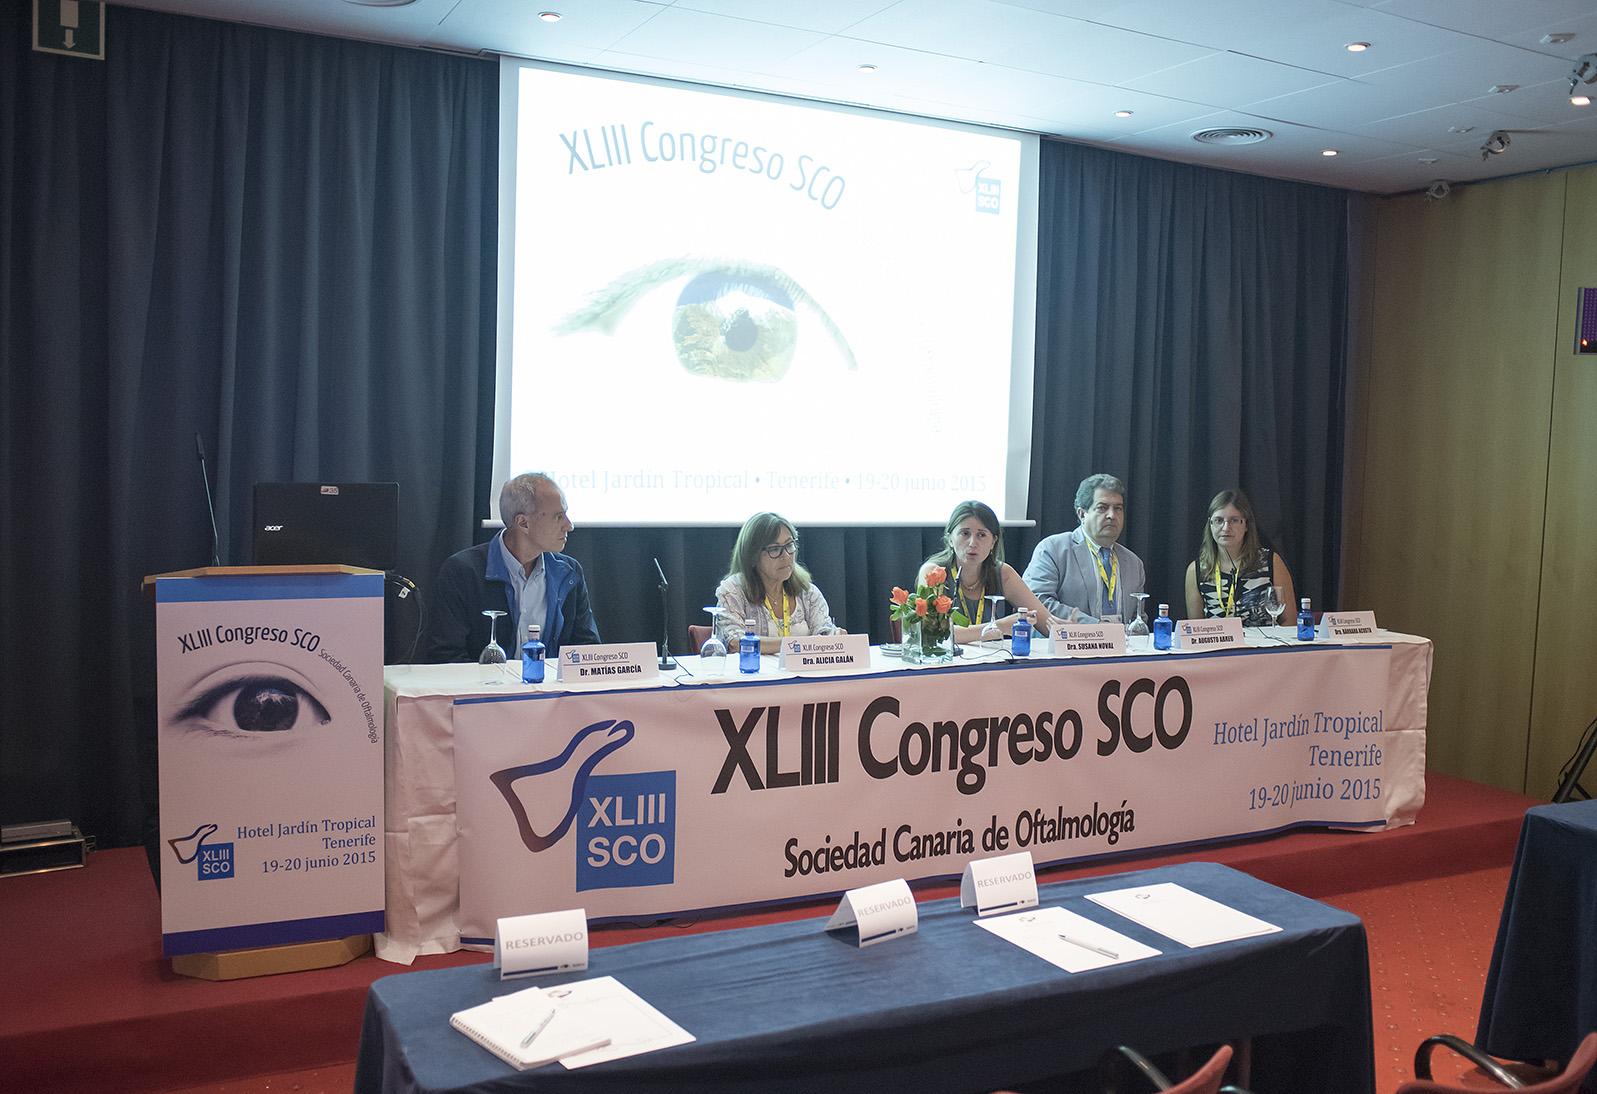 XLIII Congreso de la Sociedad Canaria de Oftalmología